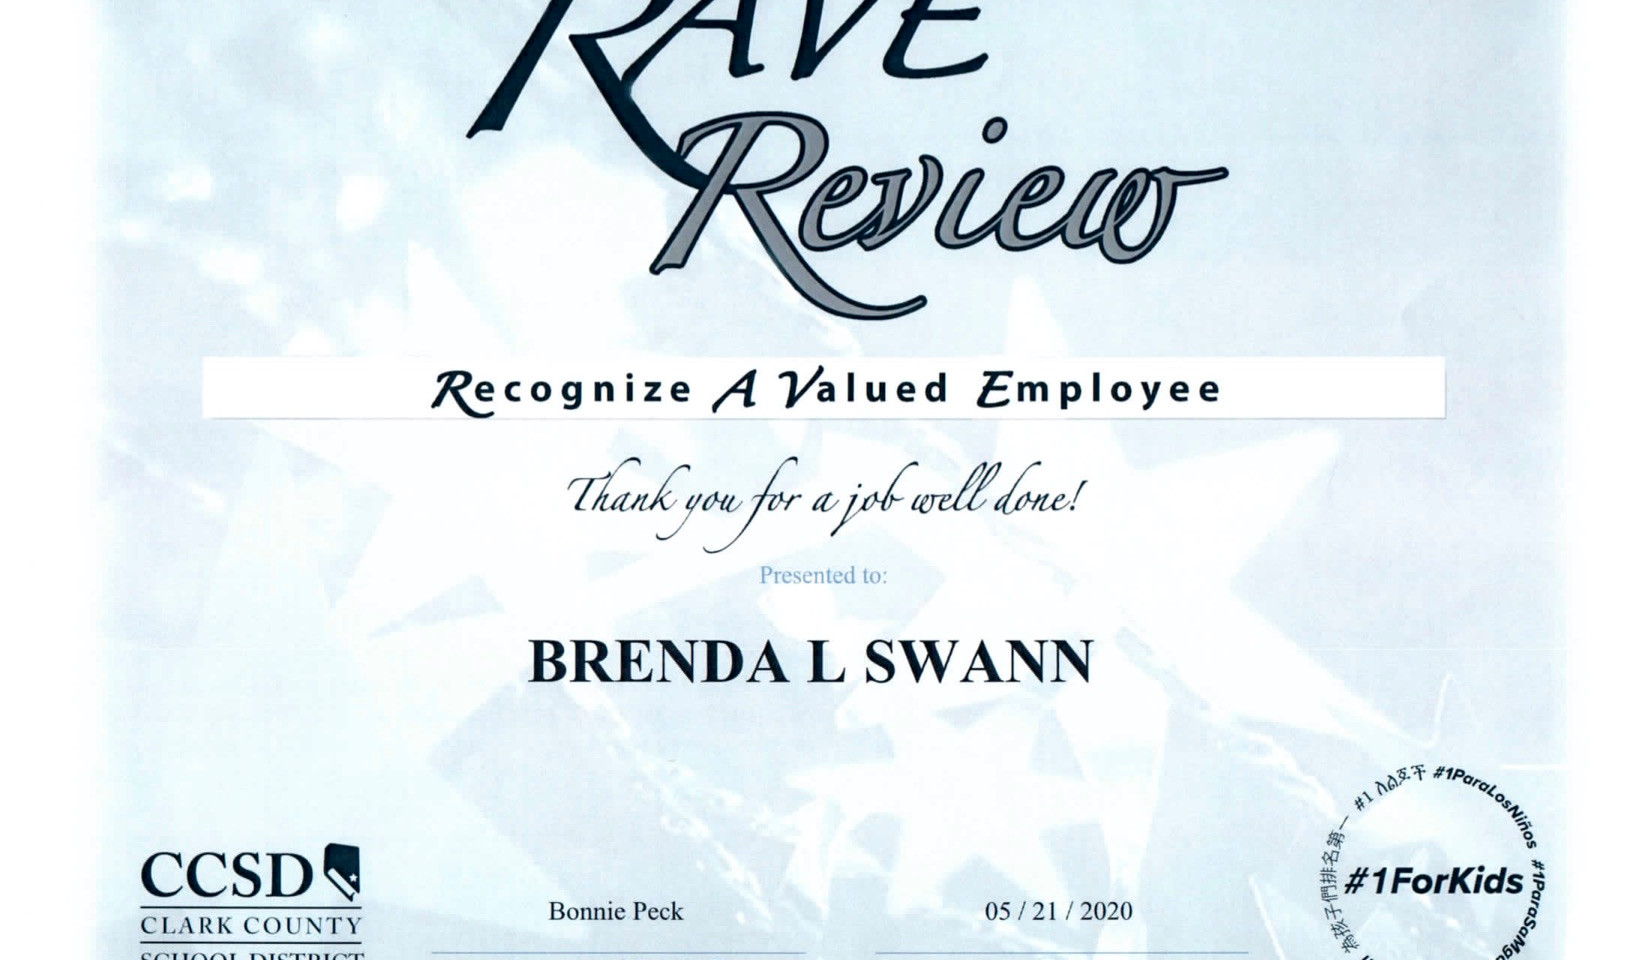 Rave Swann, Brenda 3.jpg